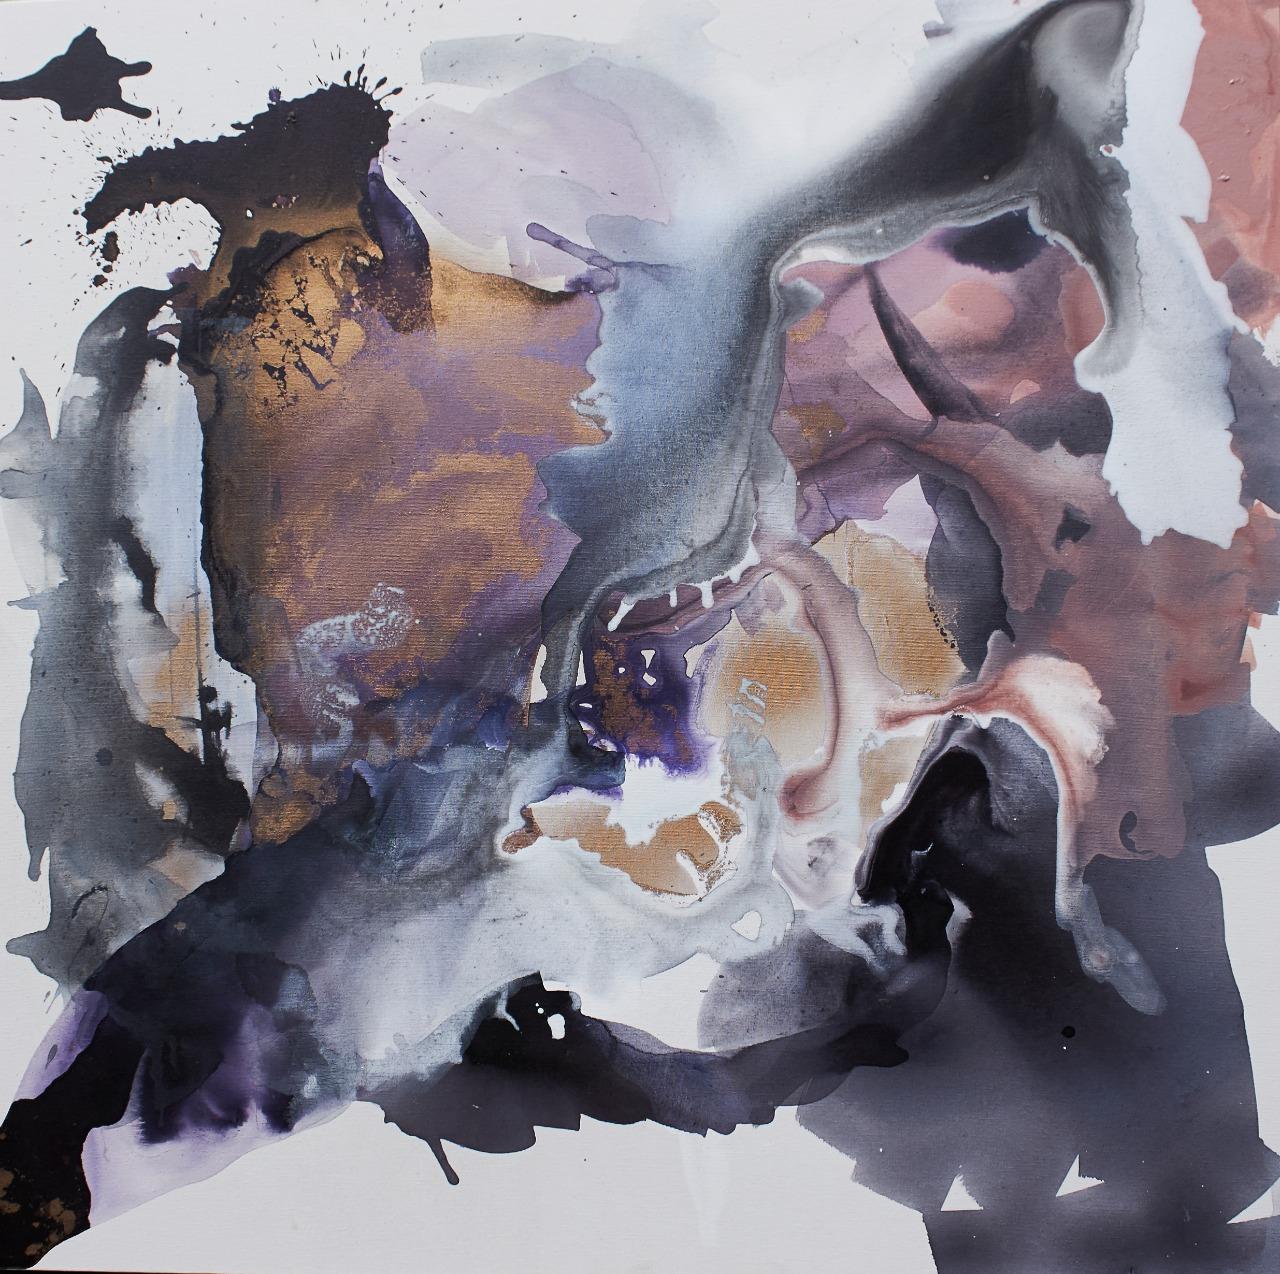 yohannah de oliveira arte abstrata pintura acrilico spray dionisio arte (11)